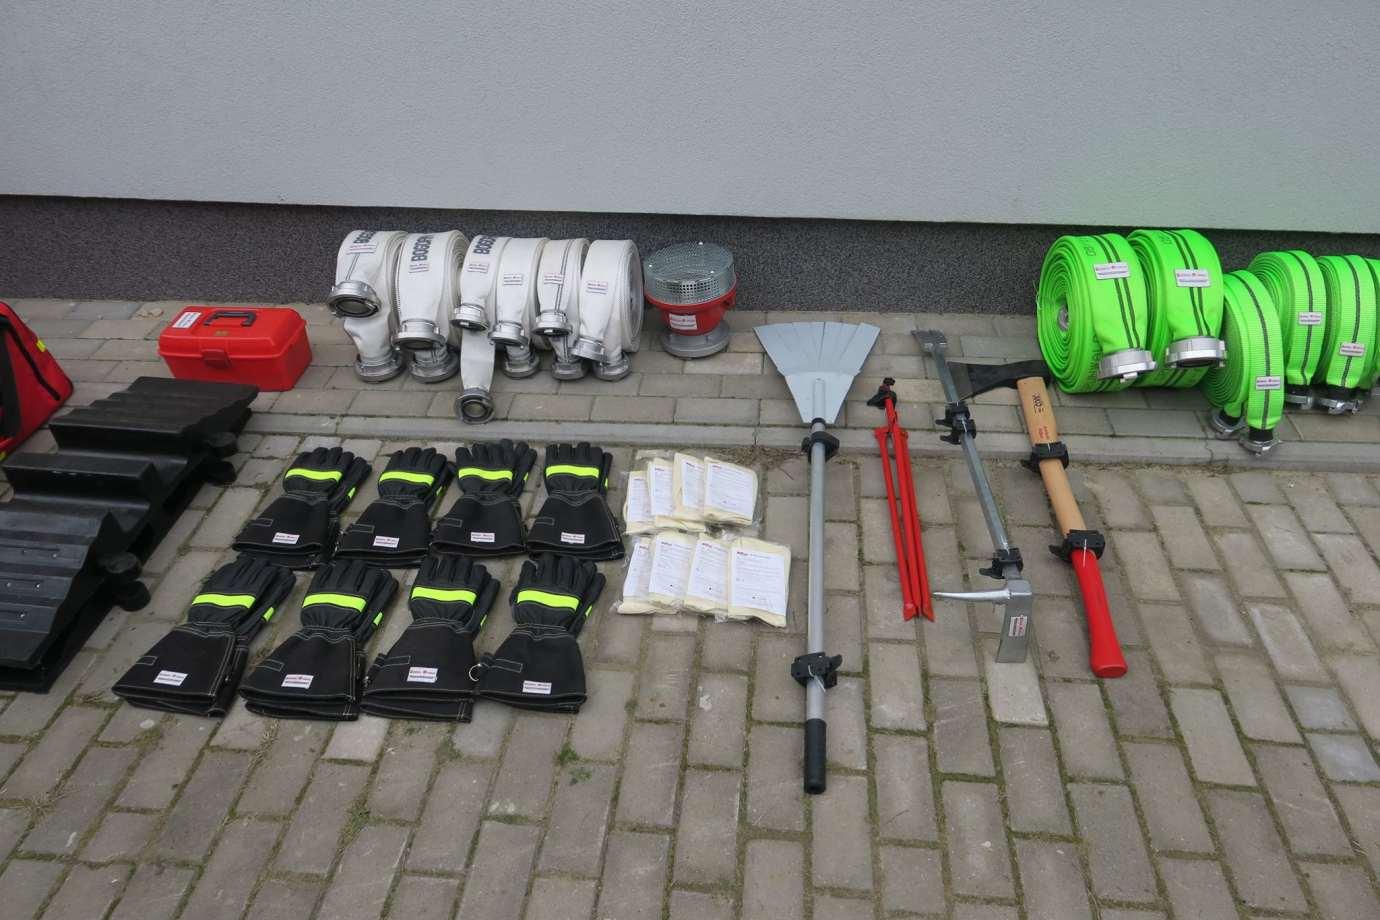 84326864 1470832159751321 6530993812225916928 o Nowy sprzęt dla strażaków z Gminy Nielisz